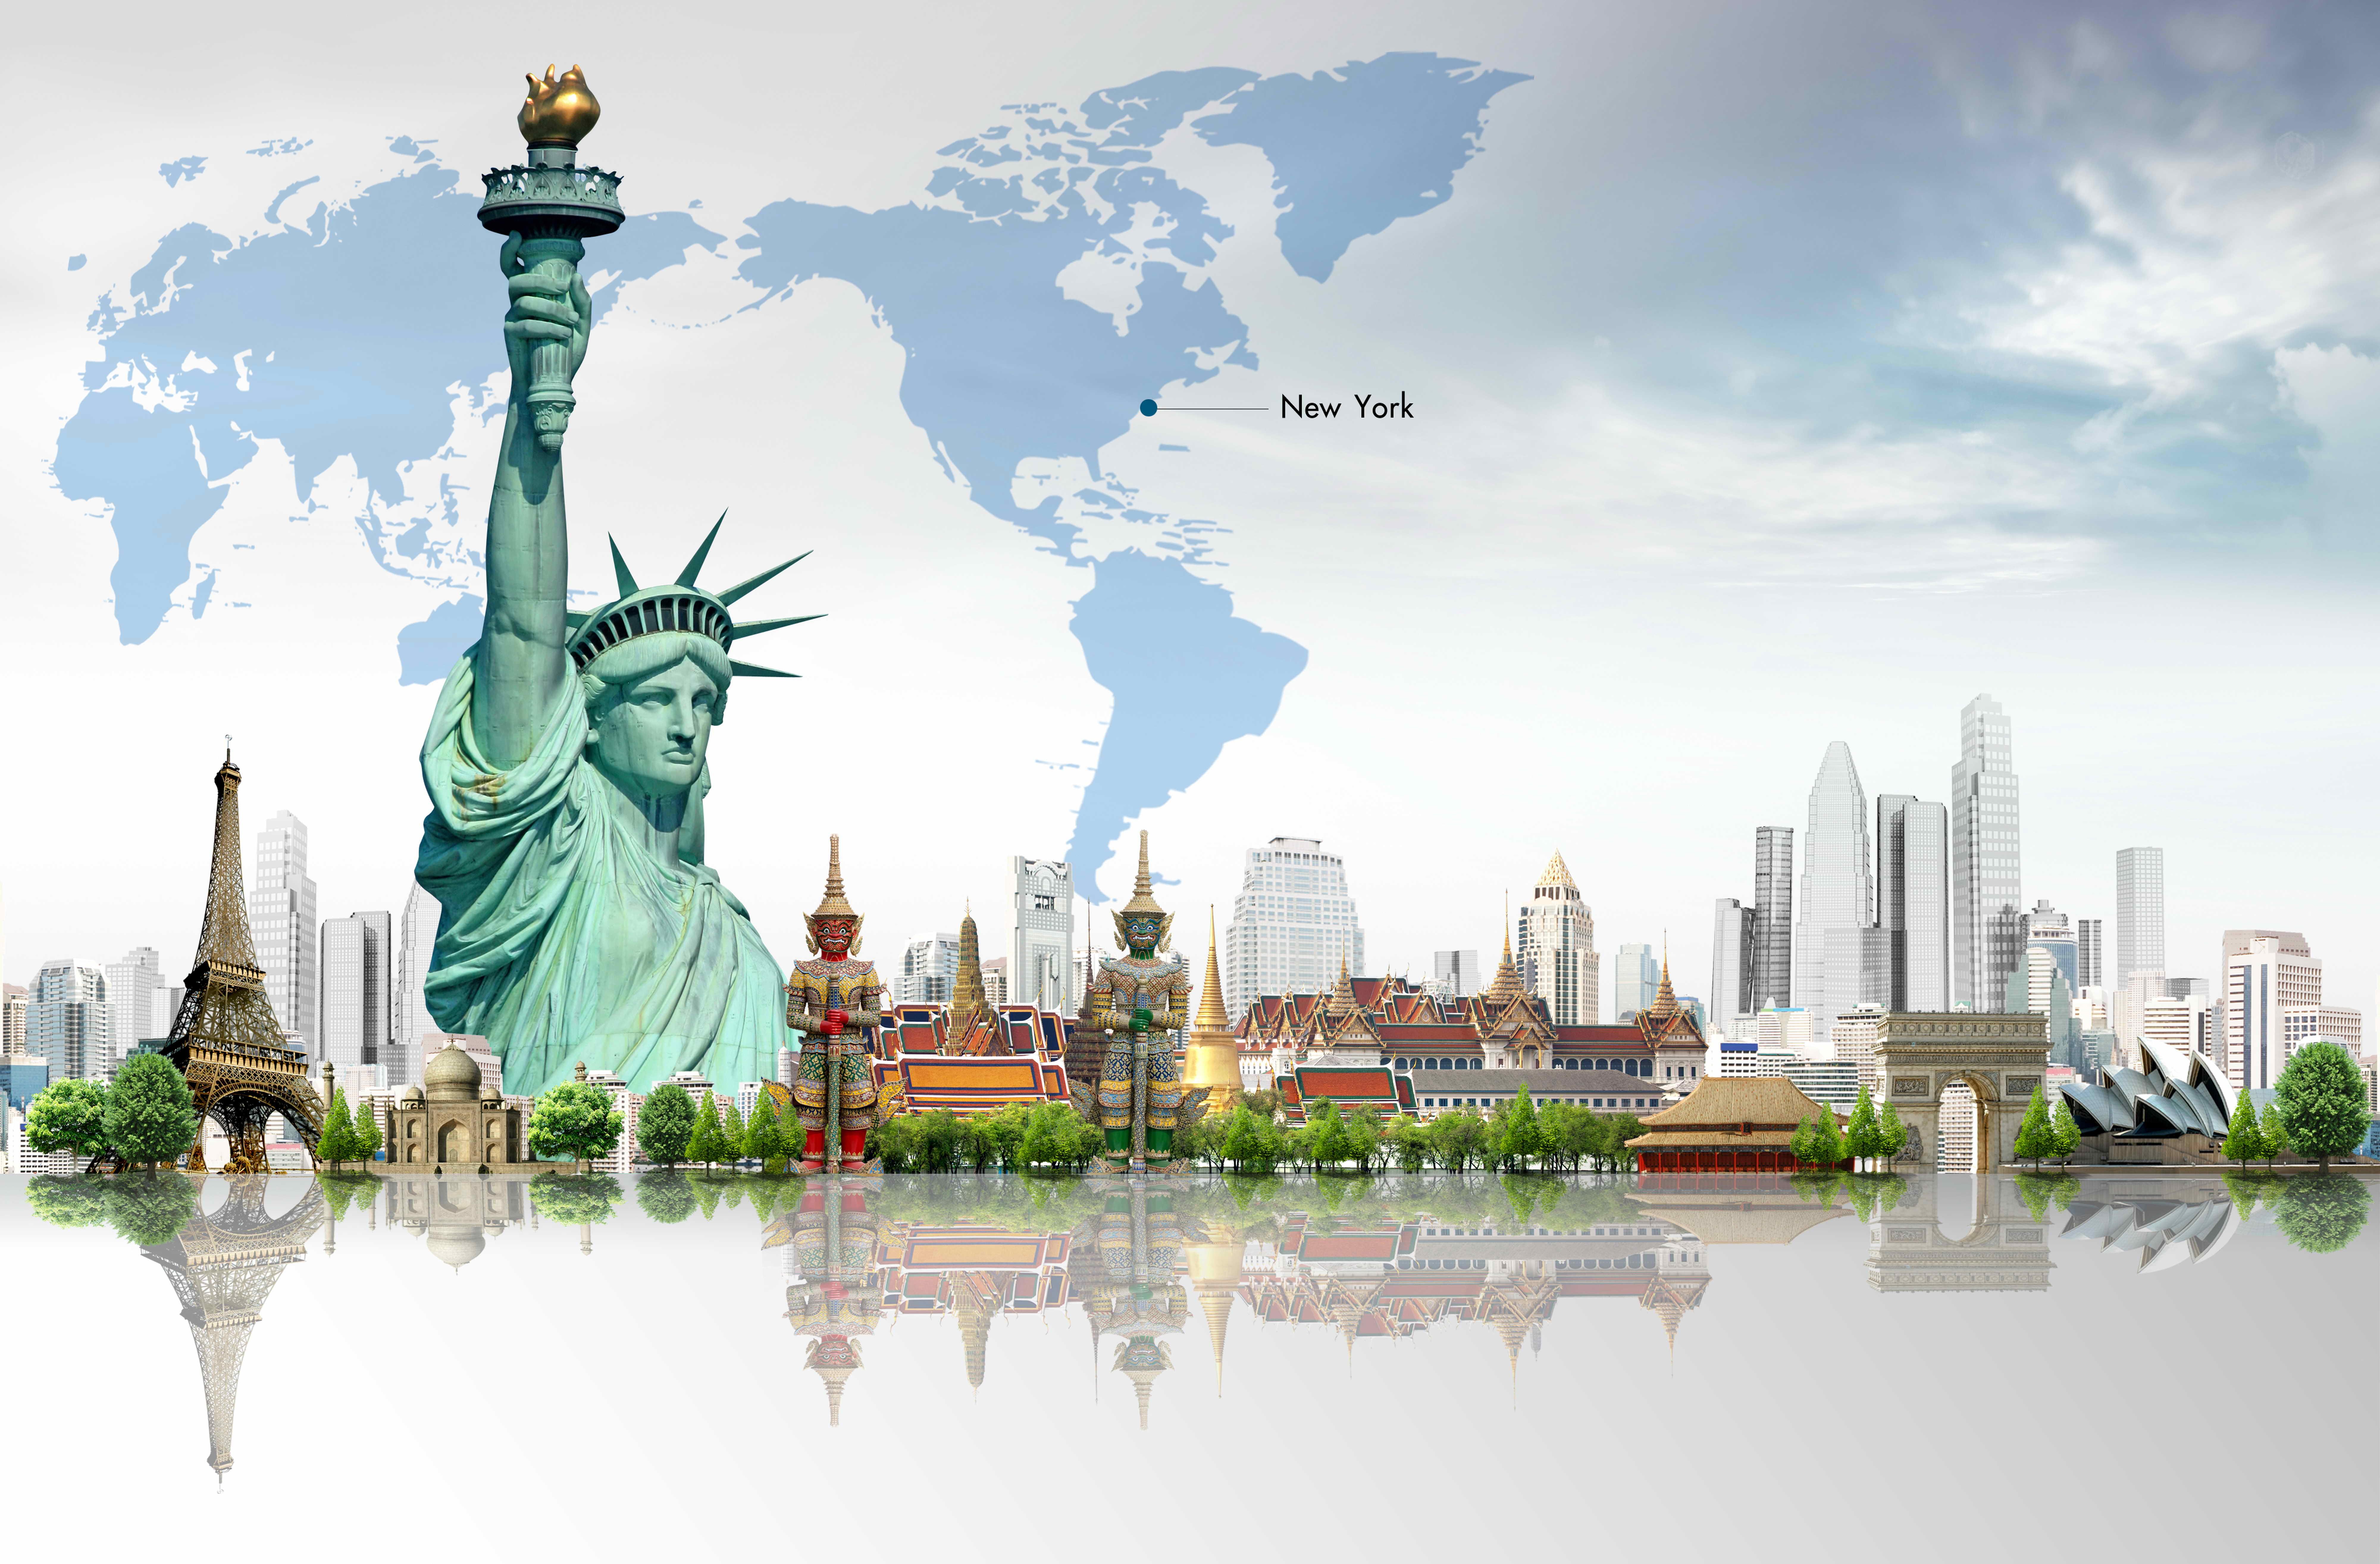 bilder freiheitsstatue new york city usa st dte. Black Bedroom Furniture Sets. Home Design Ideas